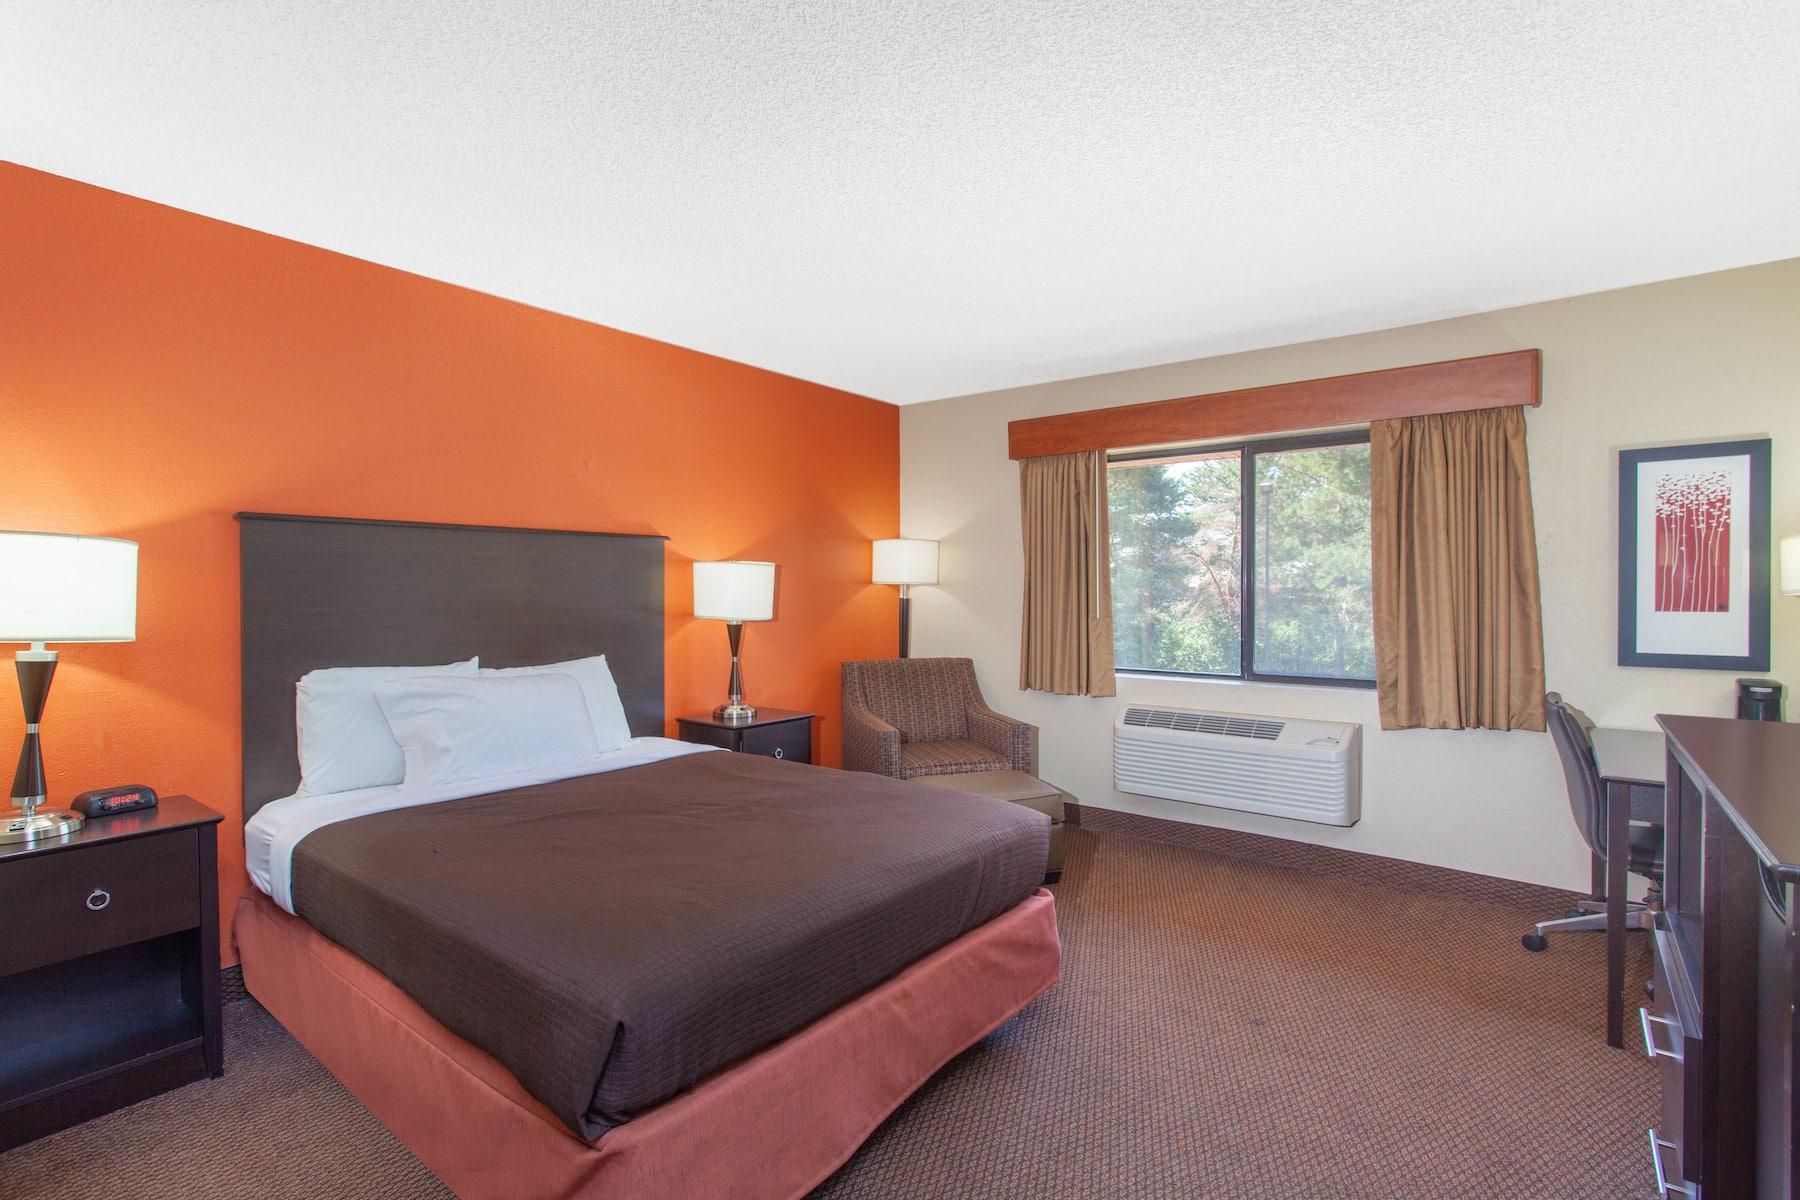 Americinn By Wyndham Ham Lake Ham Lake Hotels Mn 55304